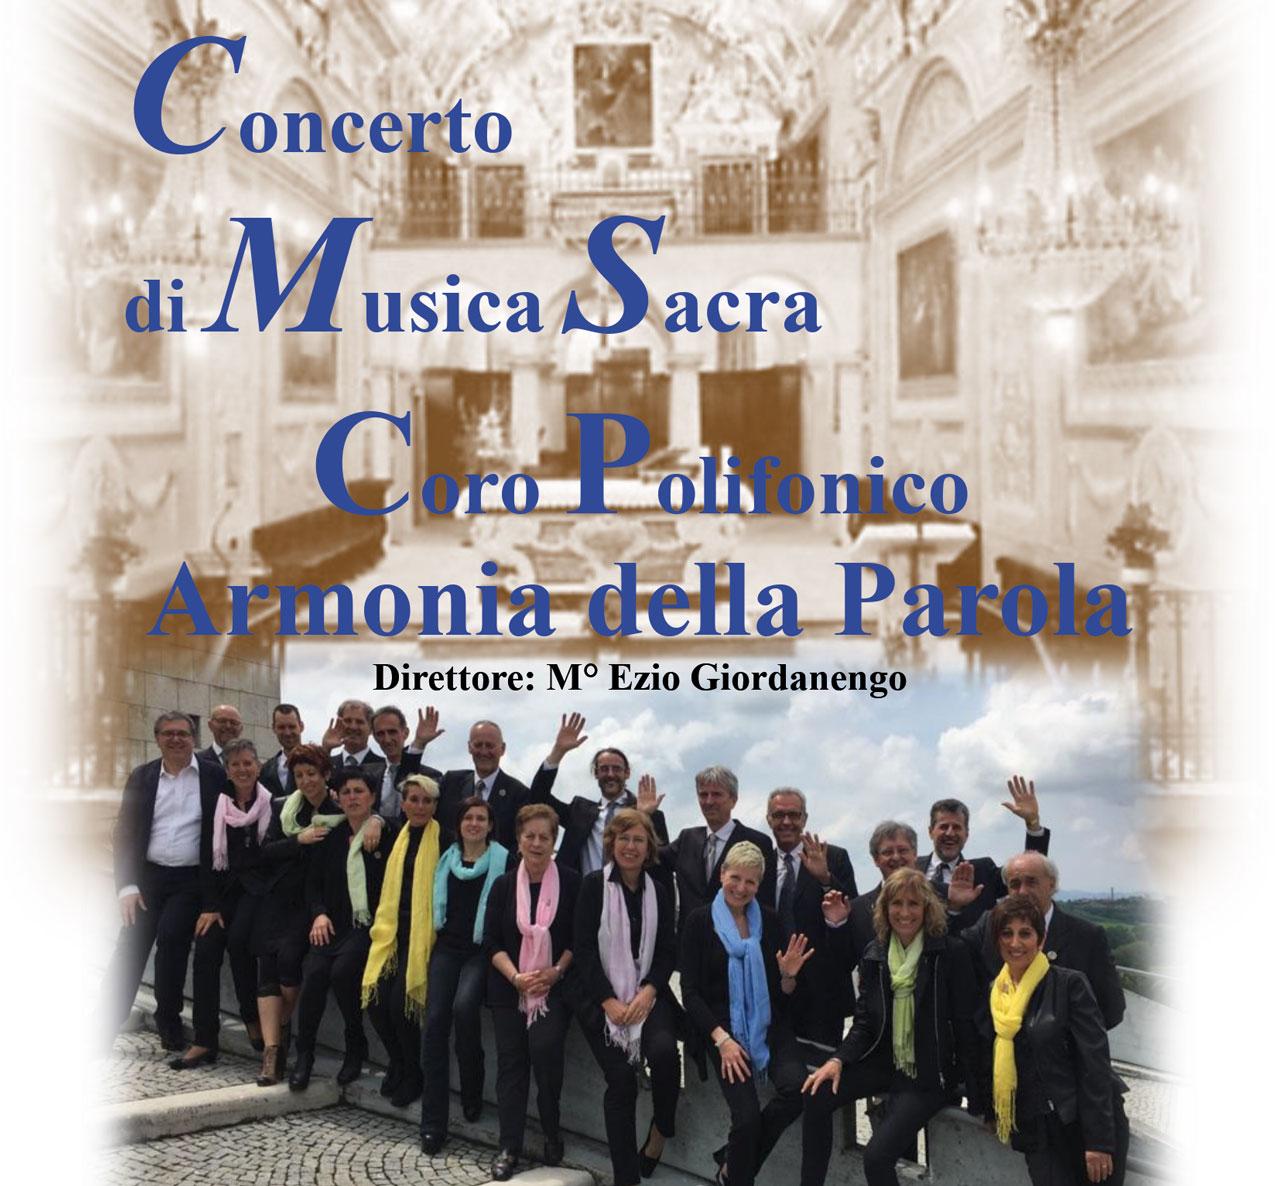 Concerto Corale di Musica Sacra, parrocchia di San Dalmazzo